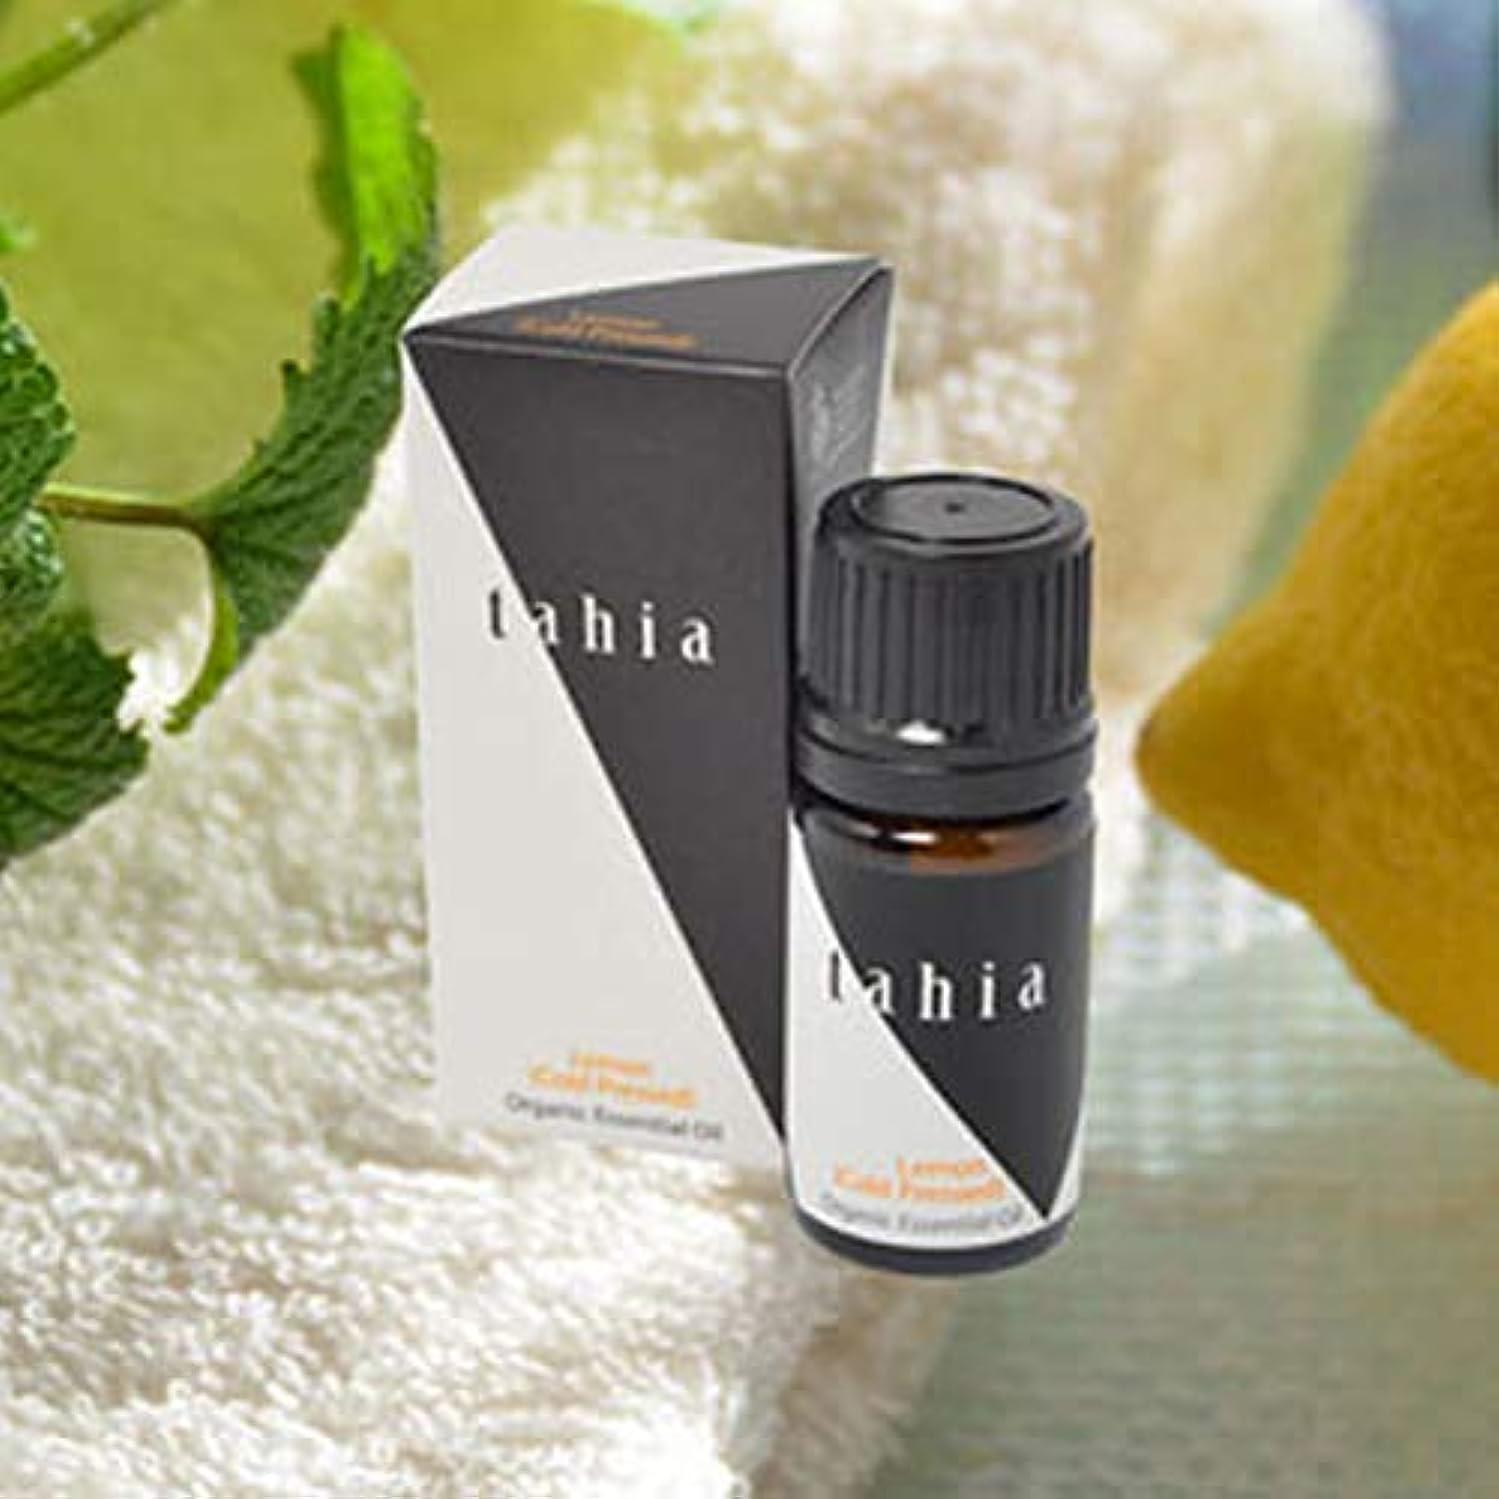 すり落ちた有害タツフト タヒア tahia レモン エッセンシャルオイル オーガニック 芳香 精油